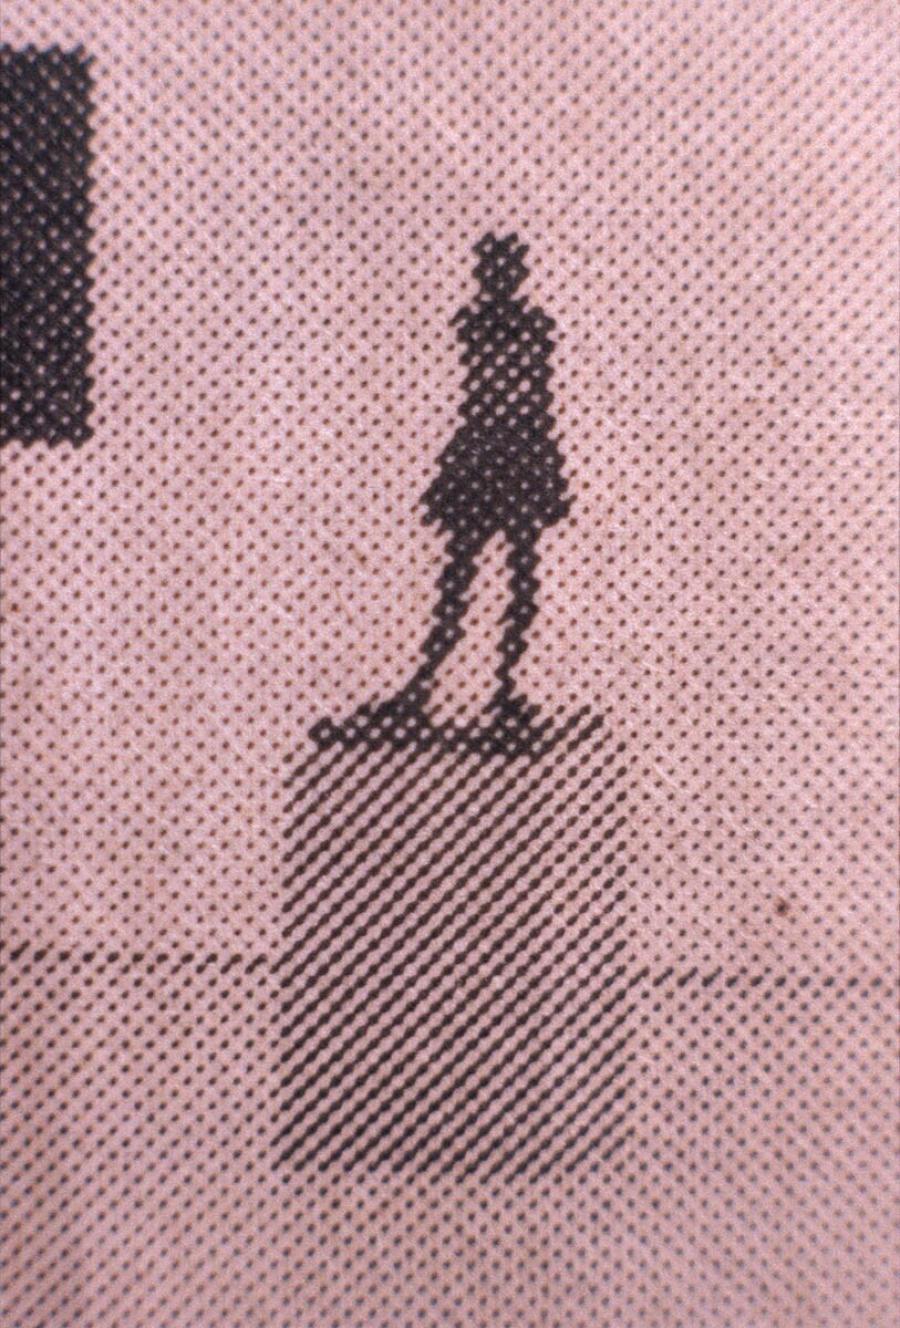 Art Rotterdam, 2001